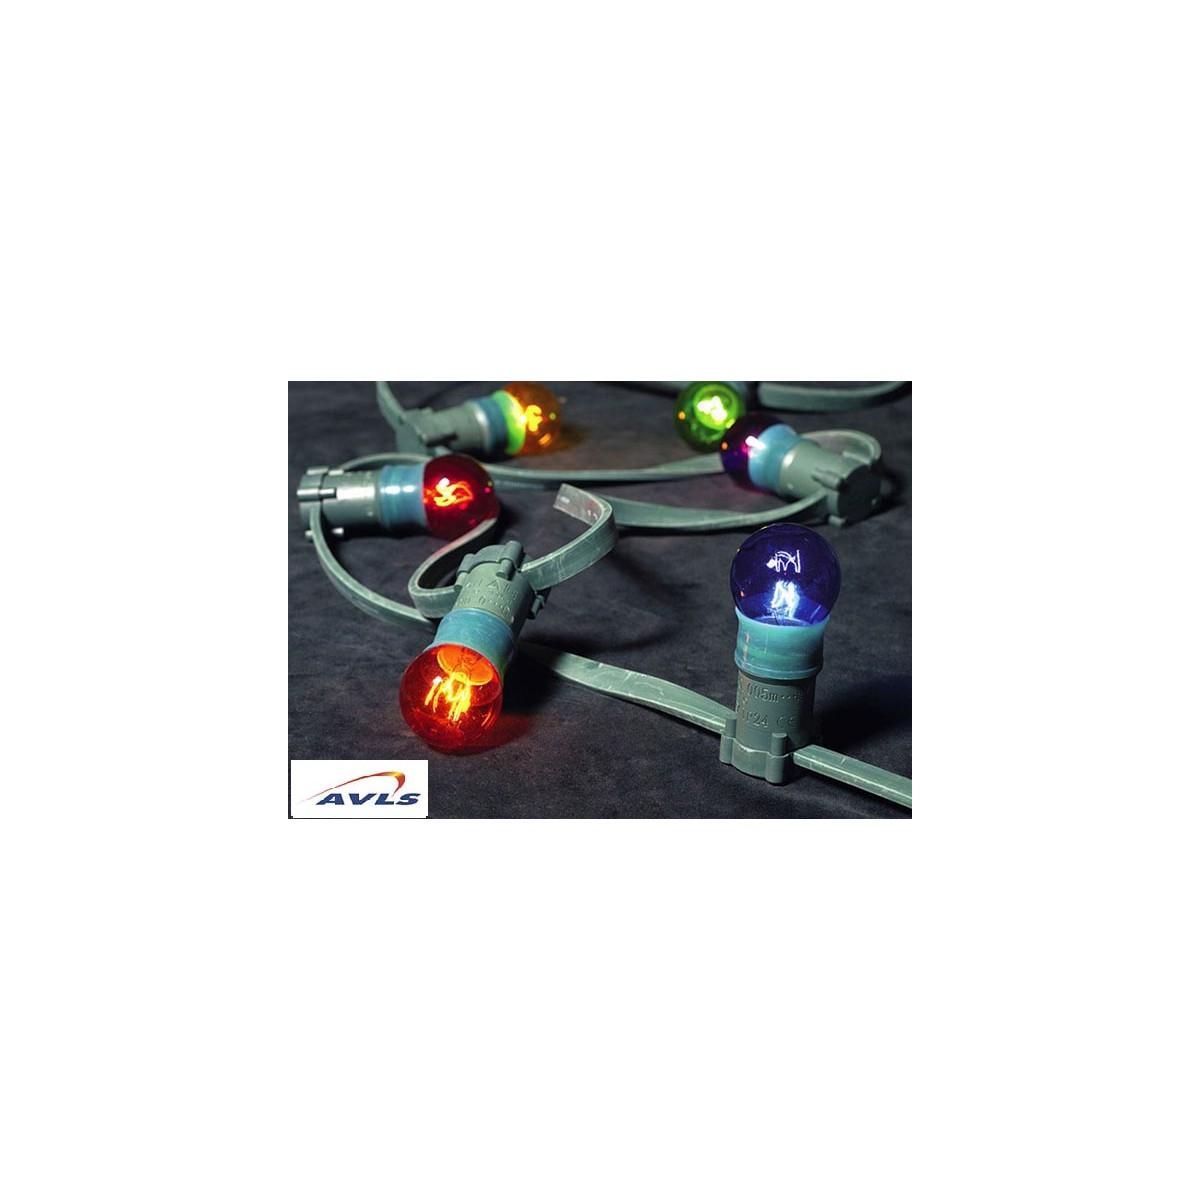 Guirlande lumineuse exterieur 9 m avec lampe avls paris for Guirlande exterieur led